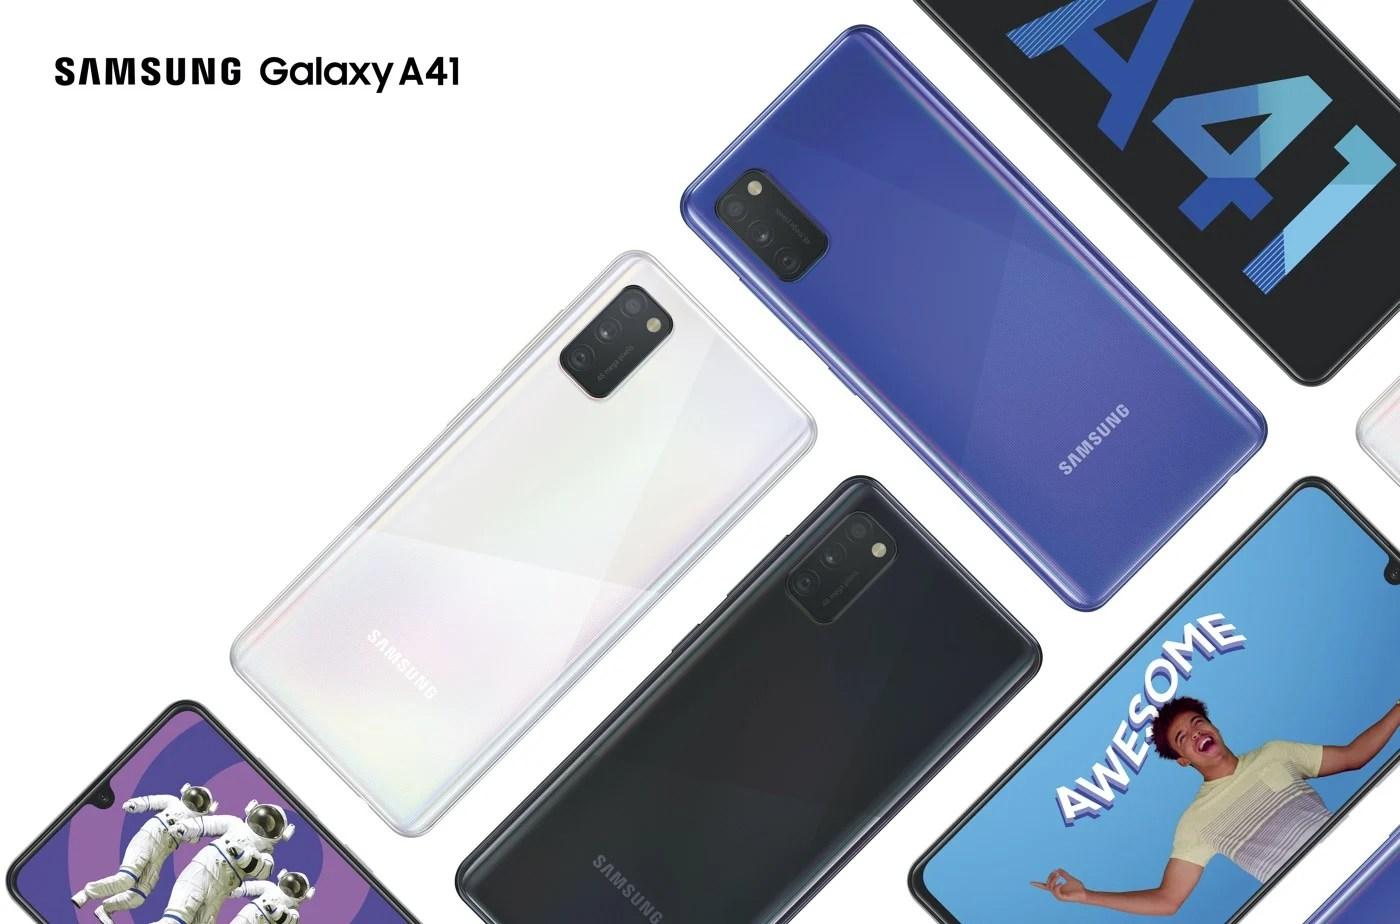 Fog gaming chez Sega, MIUI 12 se déploie chez Xiaomi et un nouveau Galaxy A41 chez Samsung – Tech'spresso